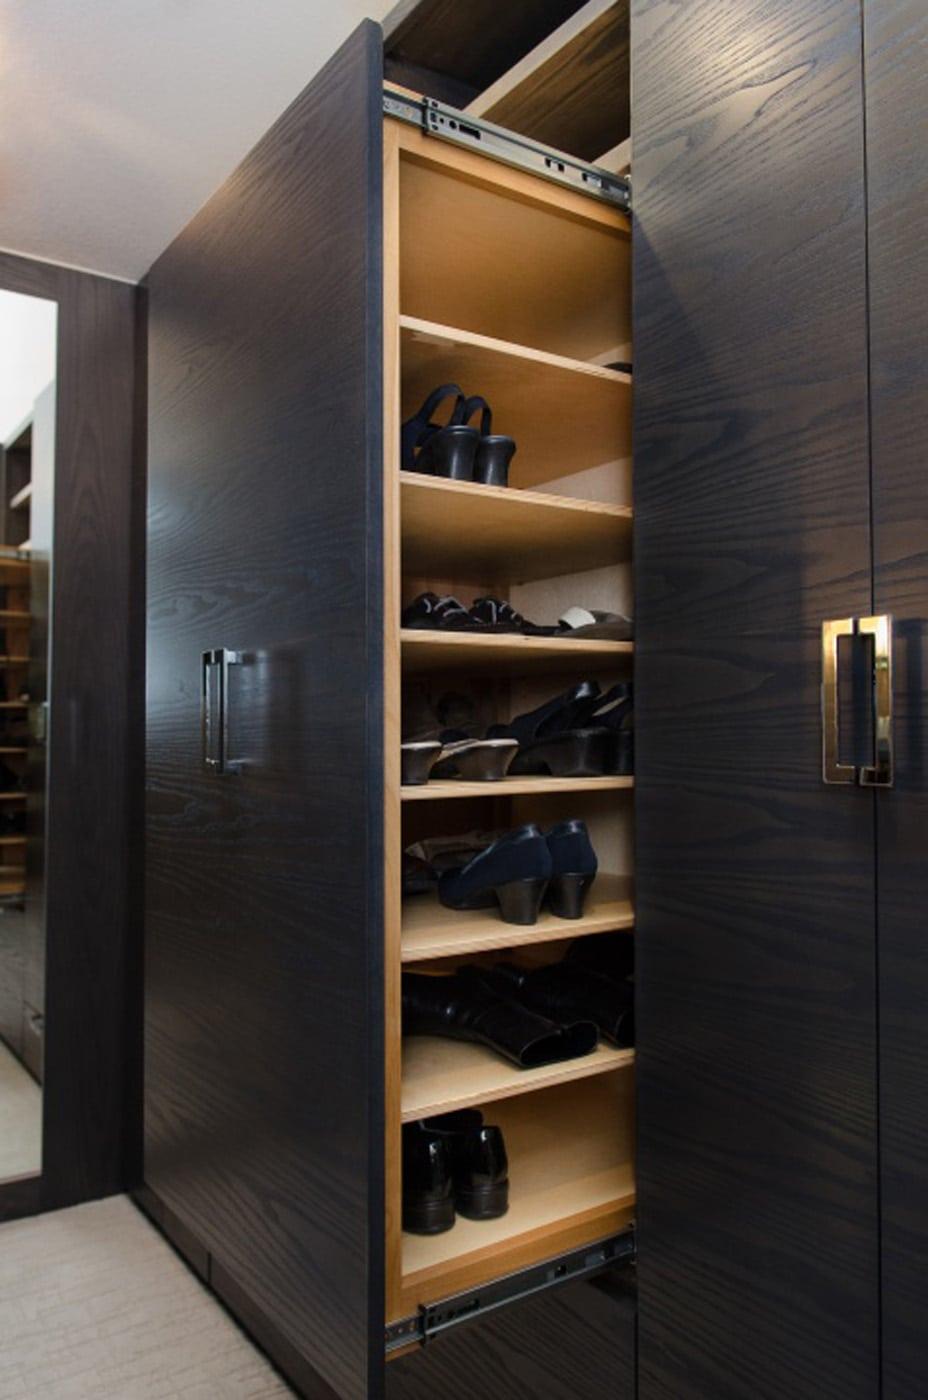 Pangaea interior design master closet in custom gray ash for Design your own bedroom closet